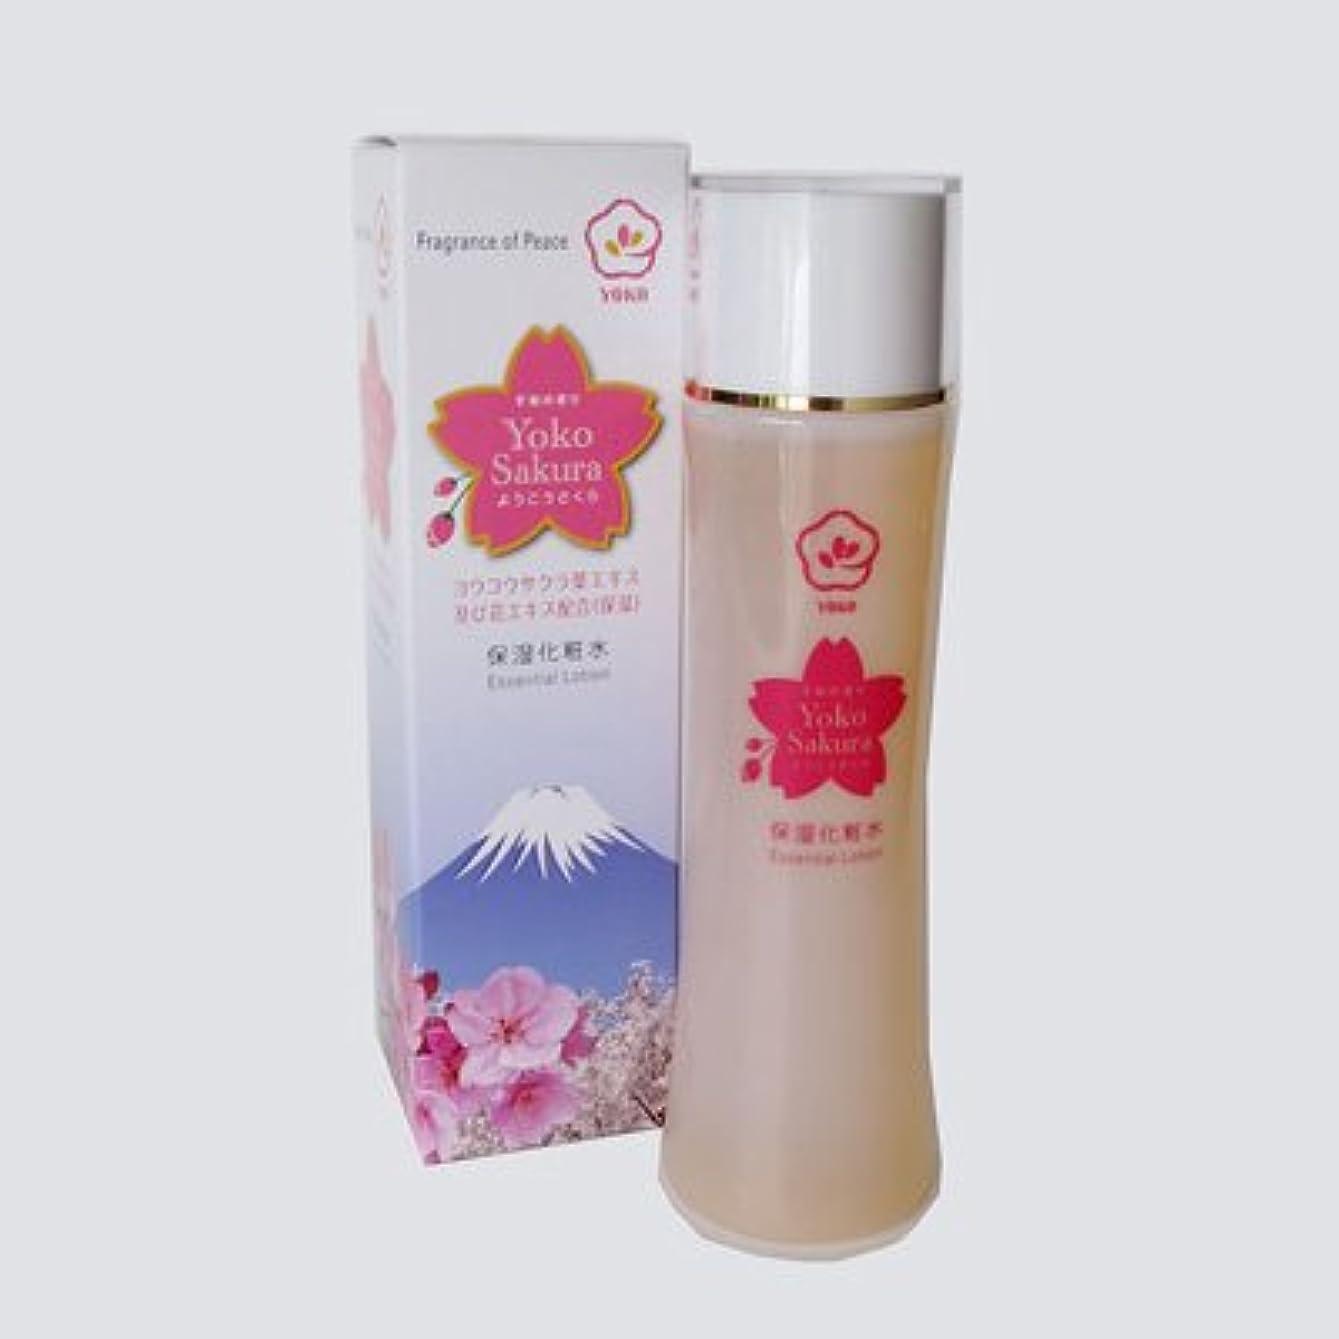 航海の出会いテクトニック陽光ローション(保湿化粧水) 陽光桜のエキス配合の保湿化粧水。敏感肌の方にもどうぞ